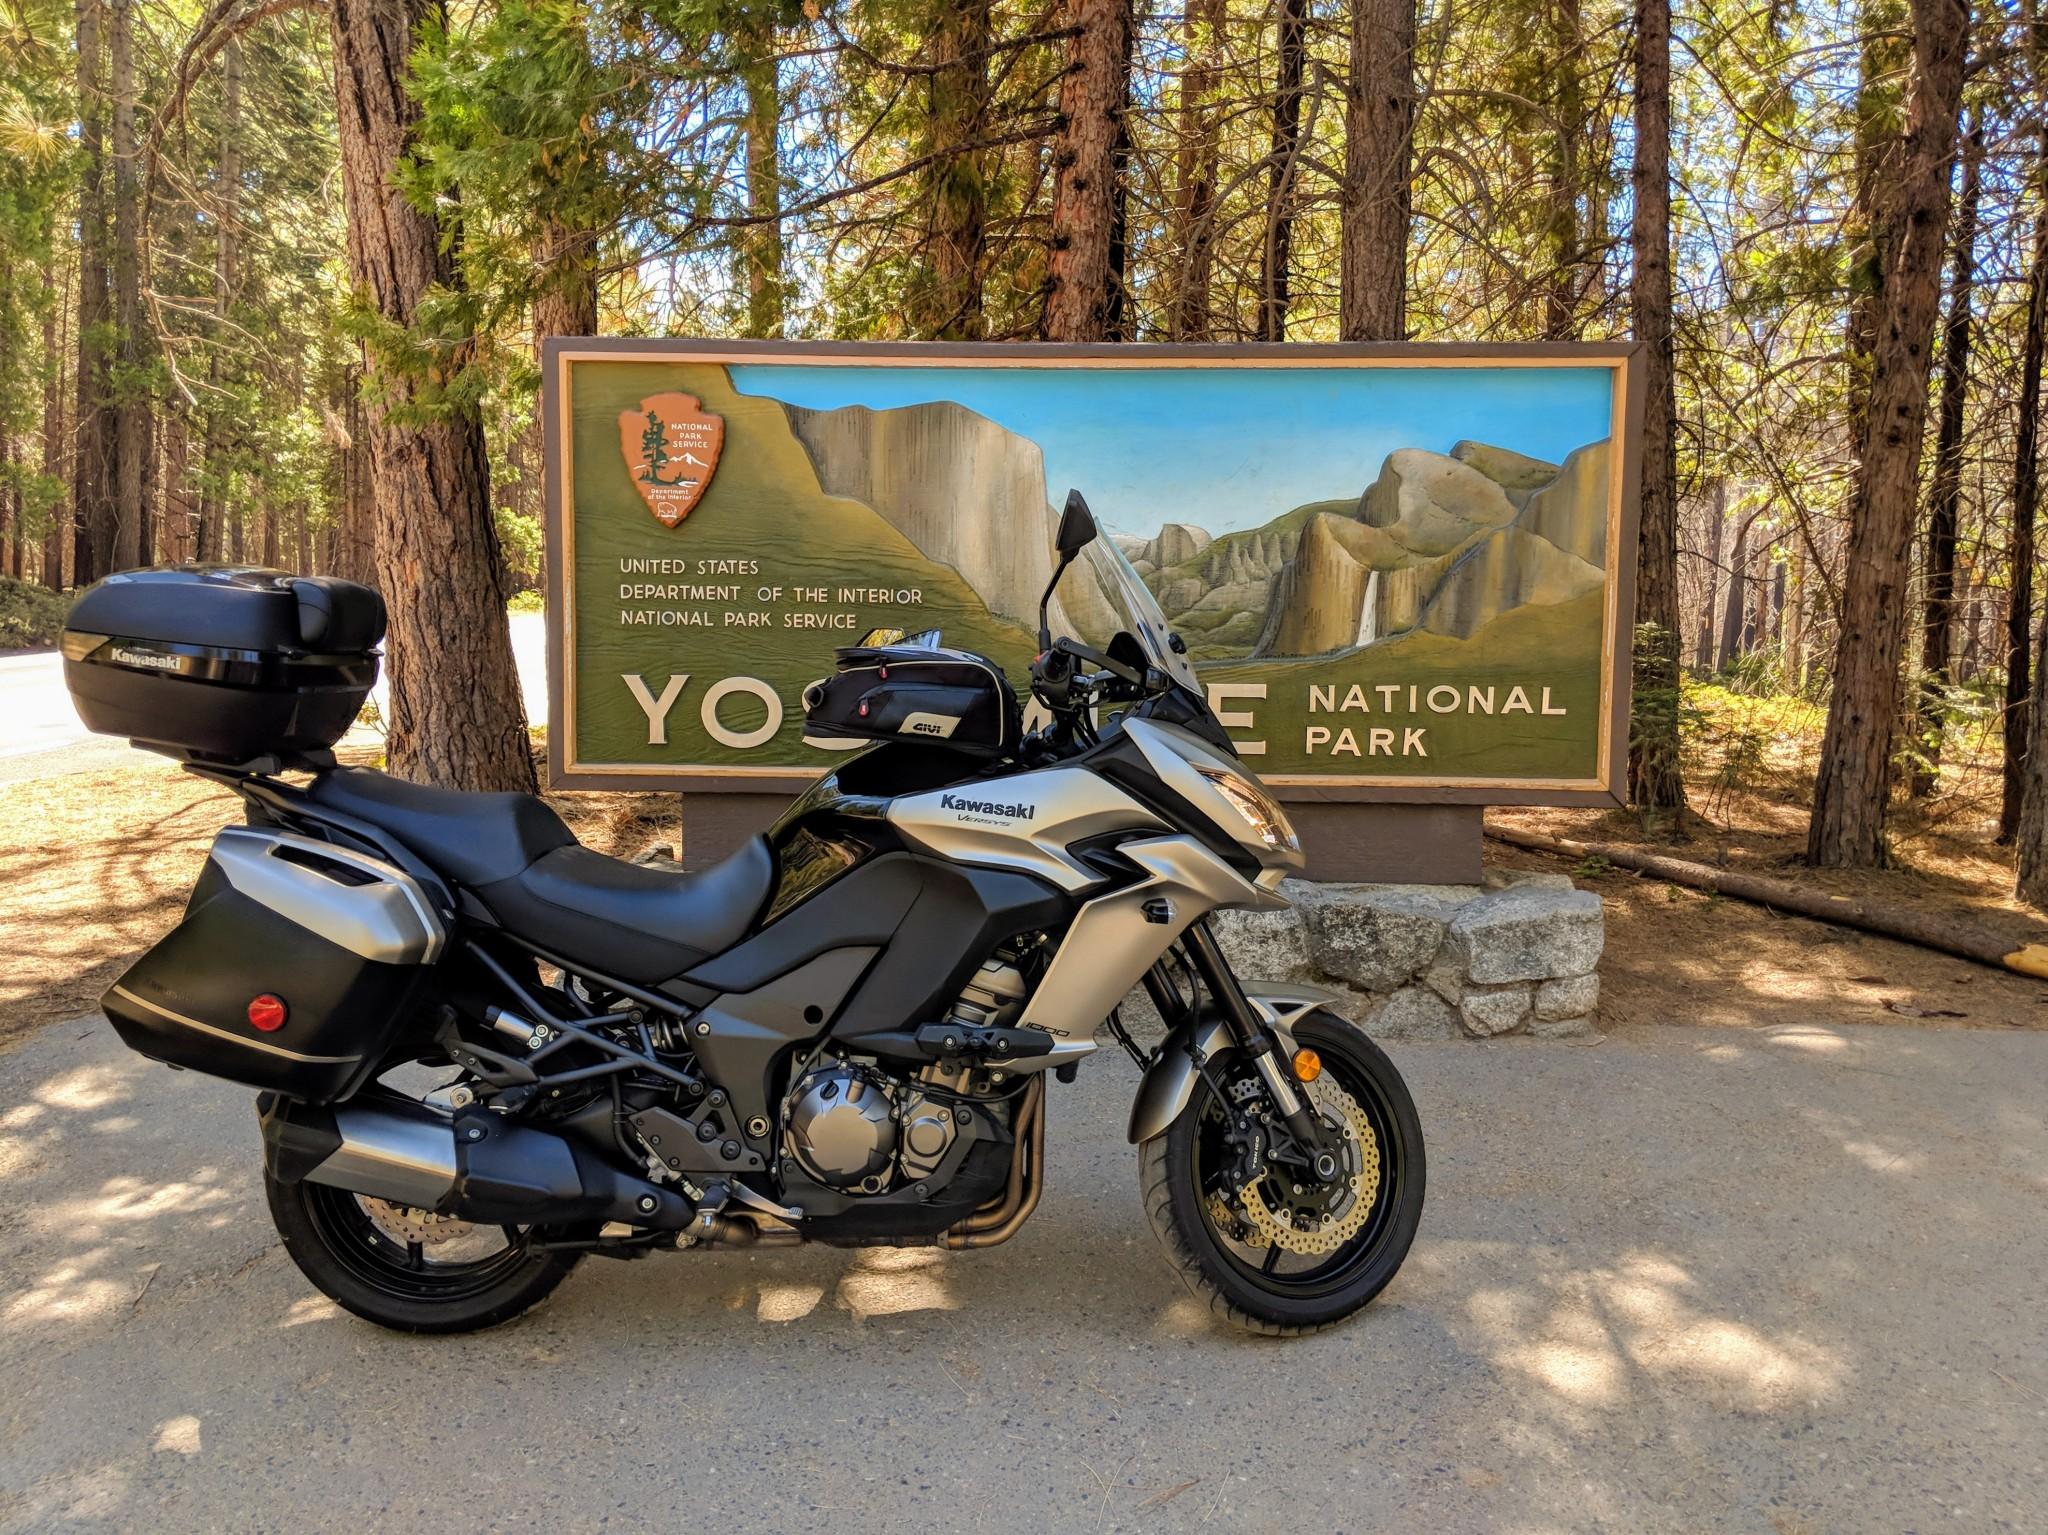 """La kawasaki Versys 1000 davanti al vistoso cartellone che annuncia l'ingresso """"Big Oak Flat"""" del famoso parco nazionale di Yosemite"""